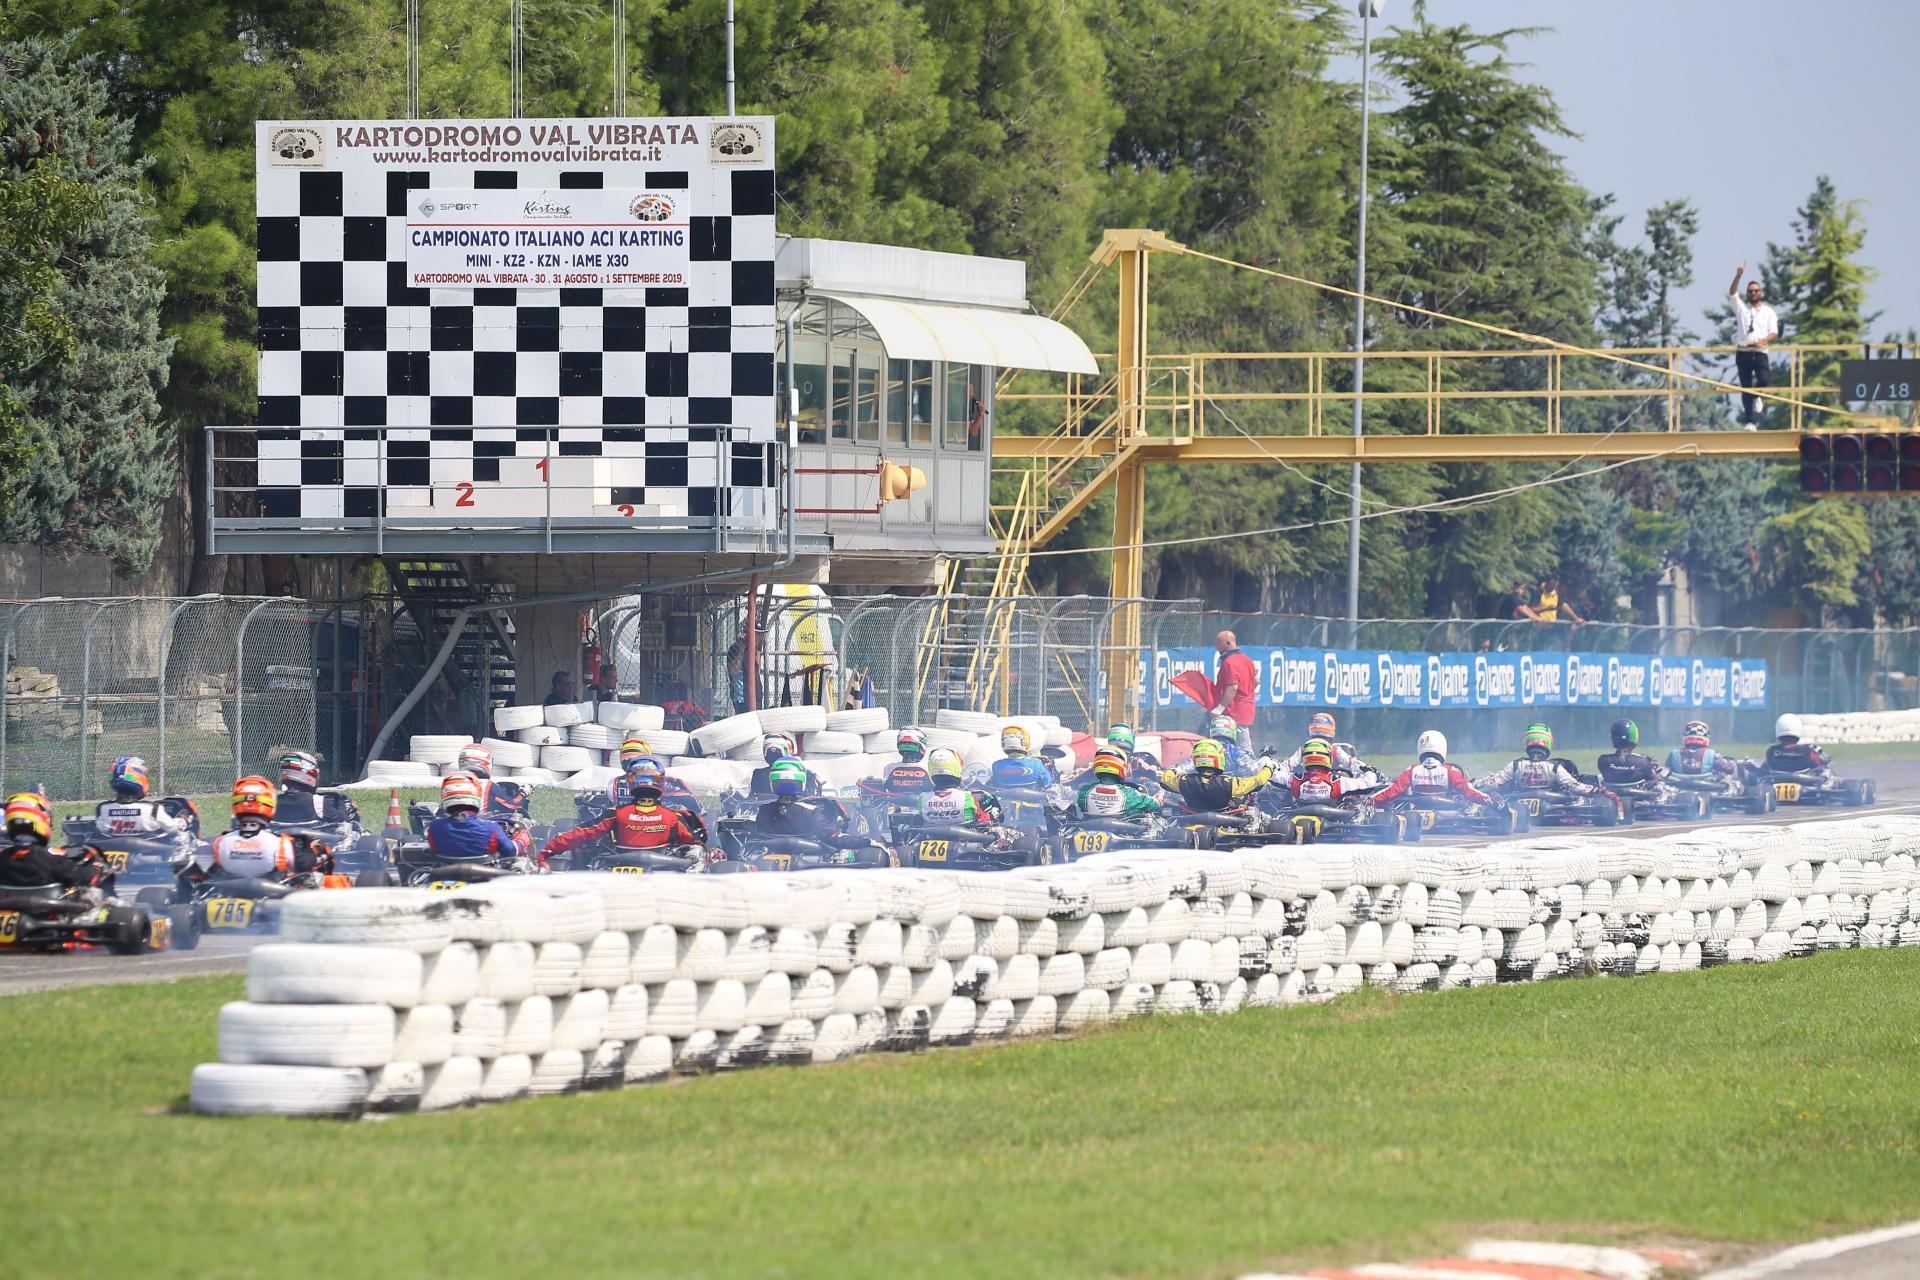 Il Campionato Italiano ACI Karting 2020 prende forma